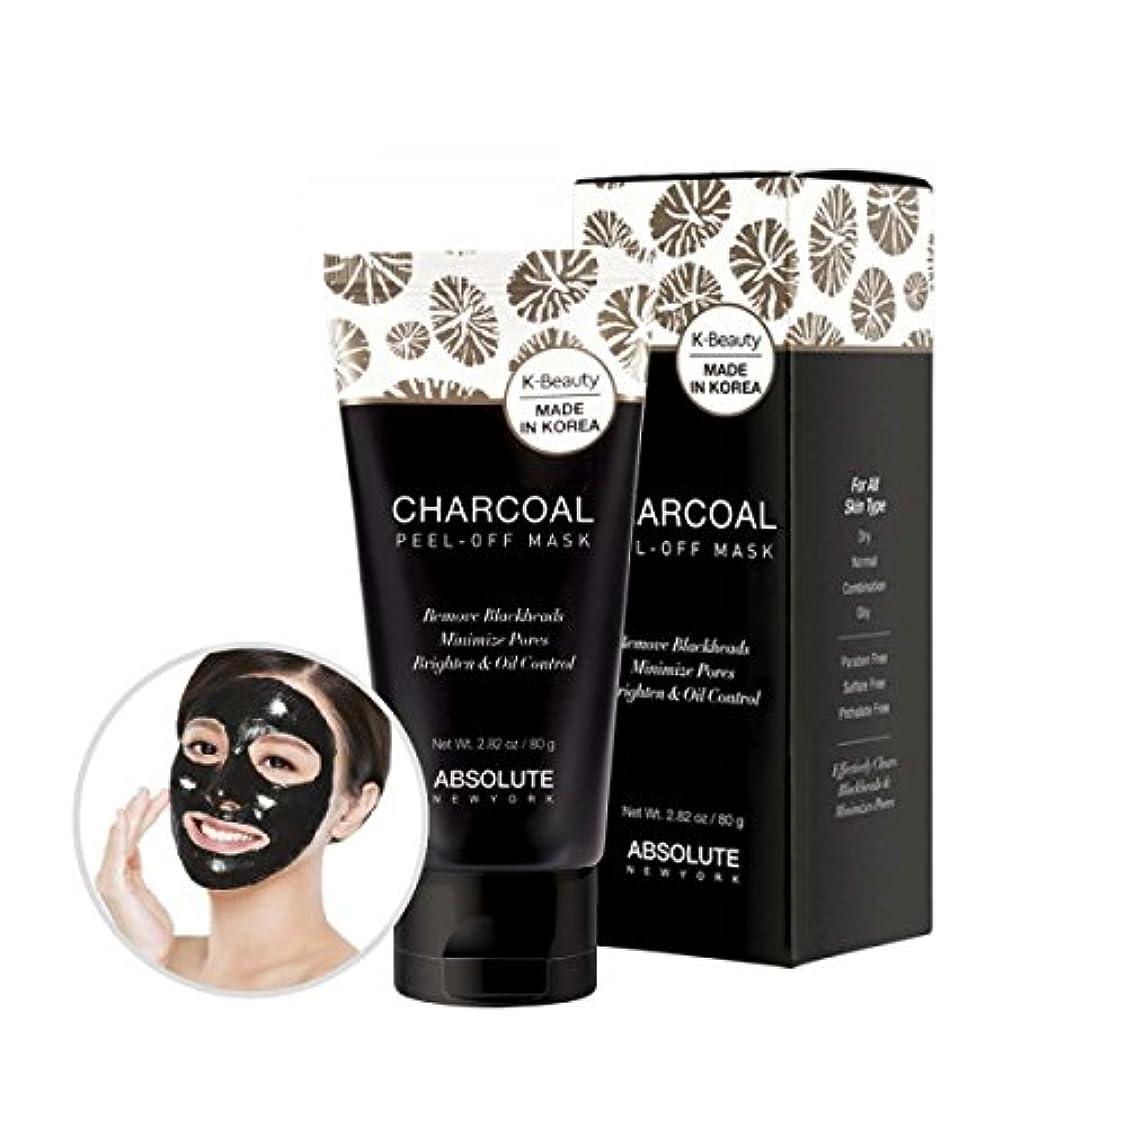 満たすトムオードリース騒々しい(3 Pack) ABSOLUTE Charcoal Peel-Off Mask (並行輸入品)